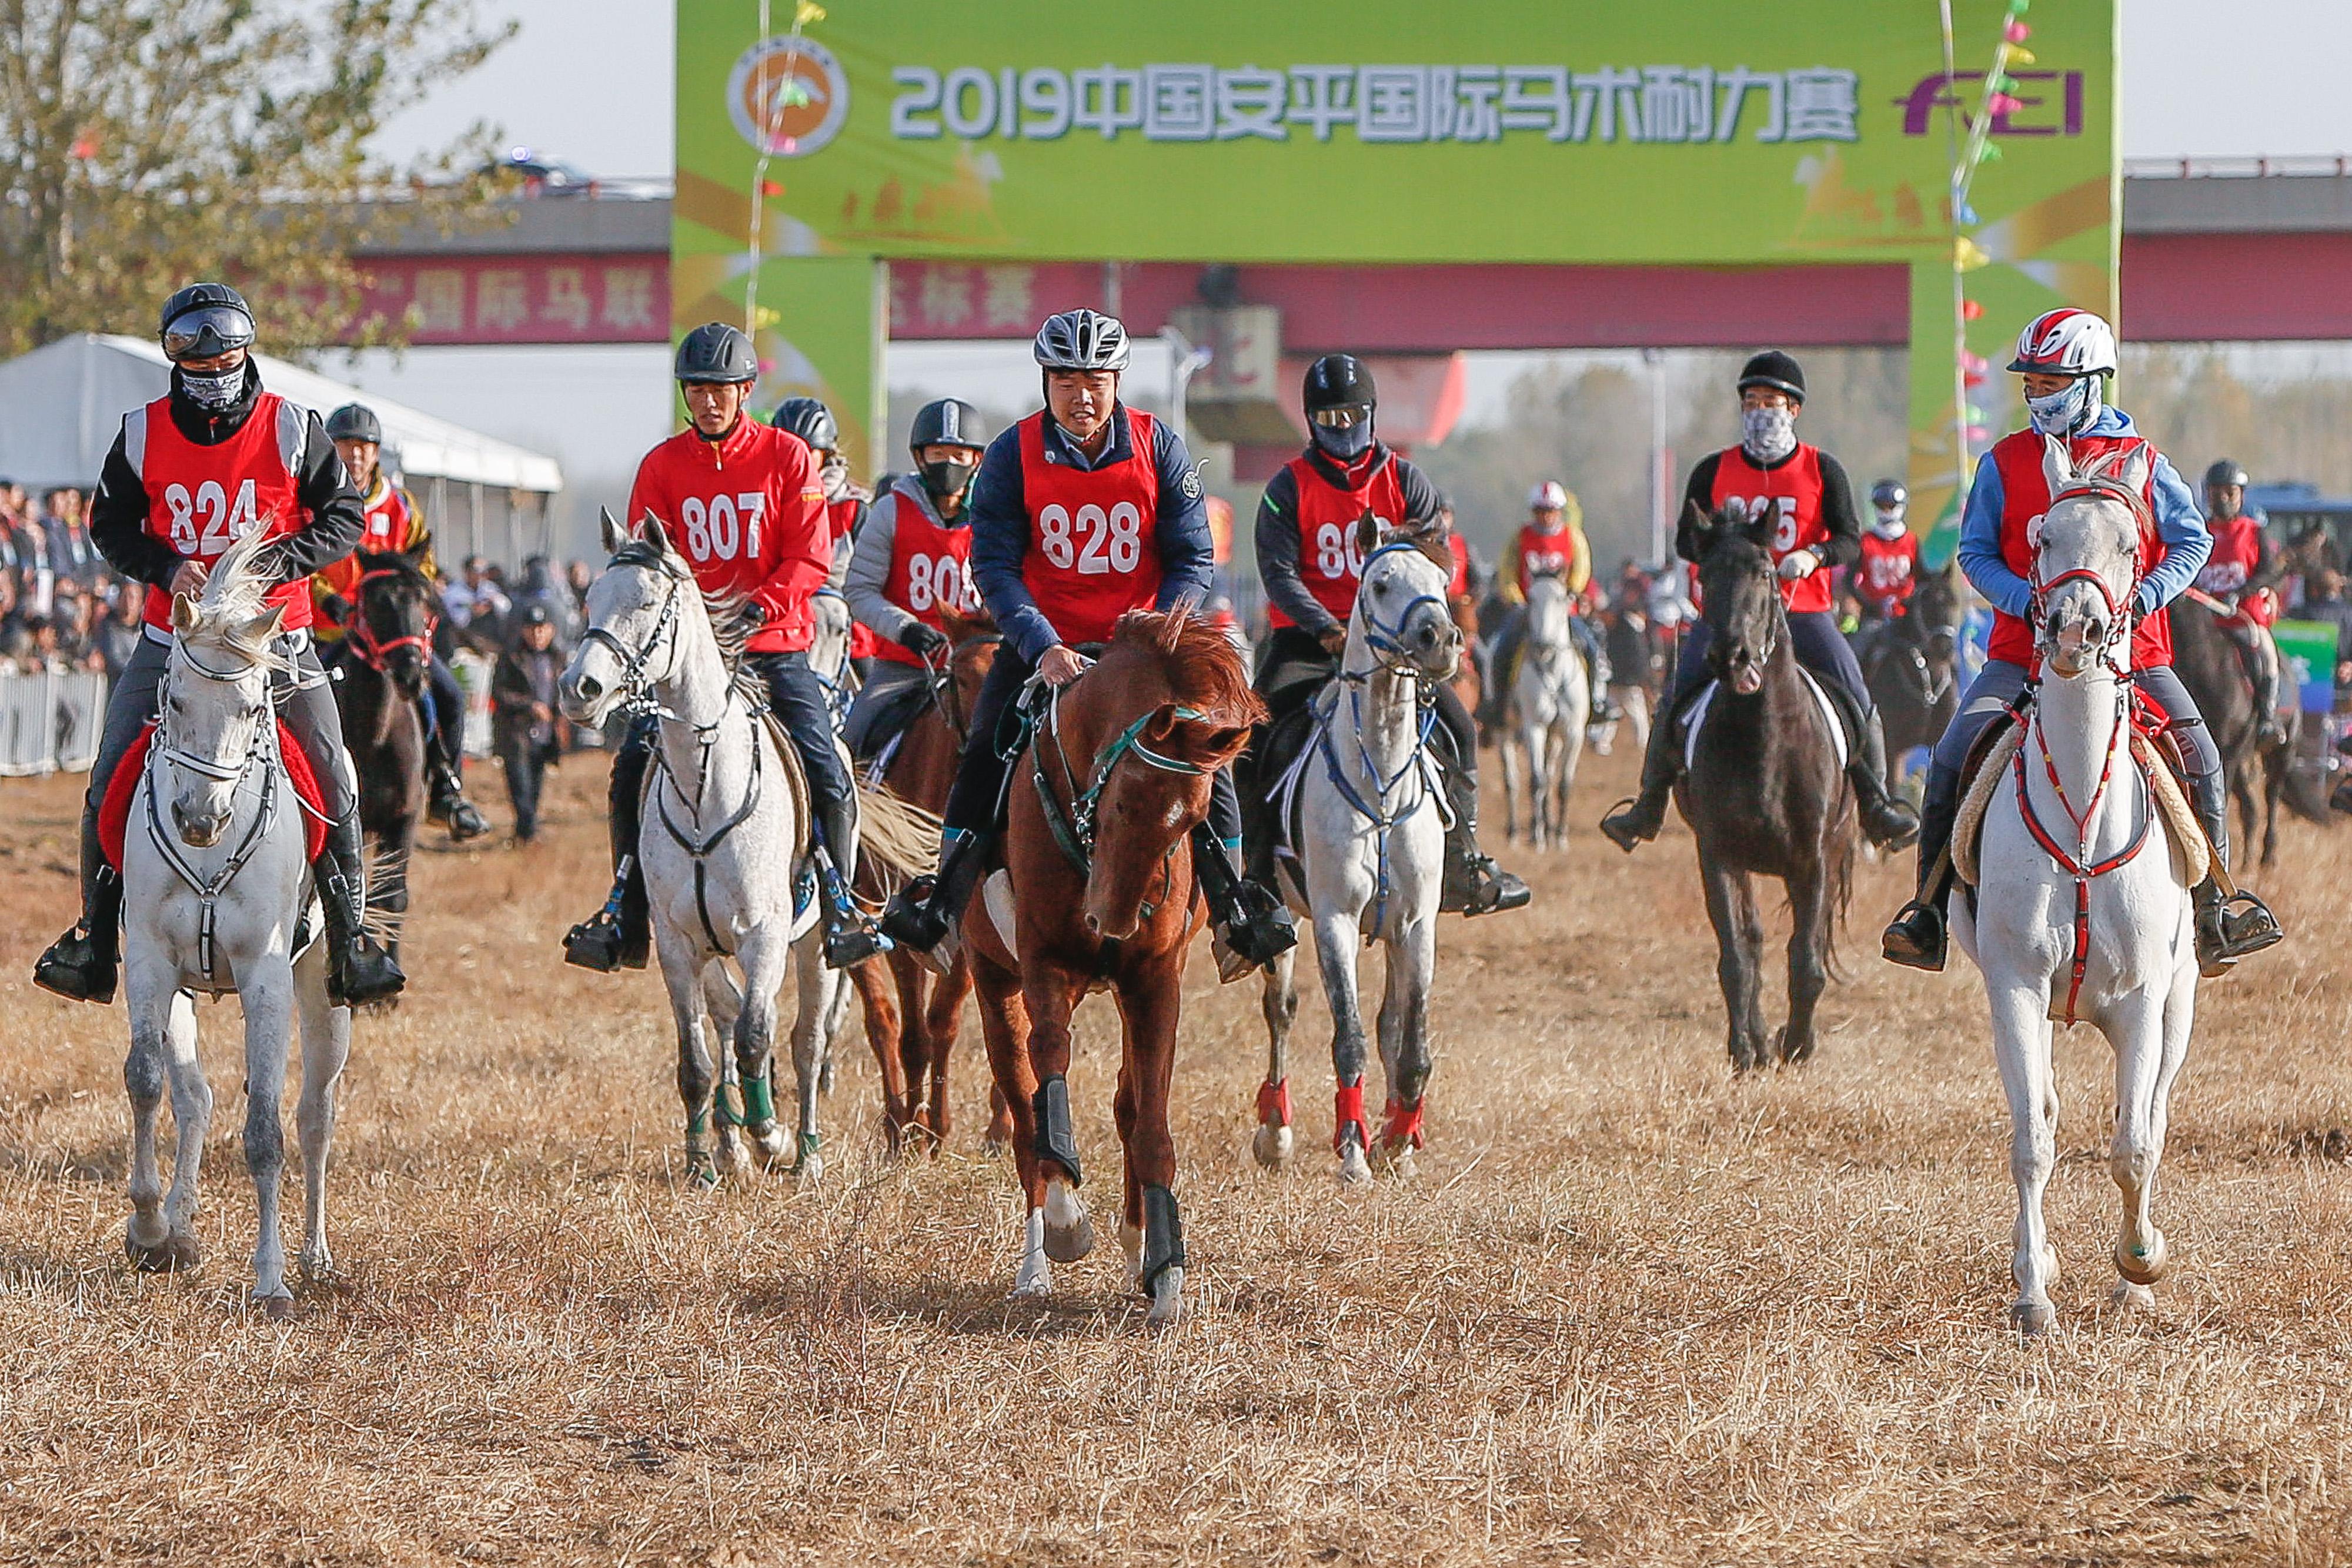 2019中國安平國際馬術耐力賽舉行促文體旅游業健康發展